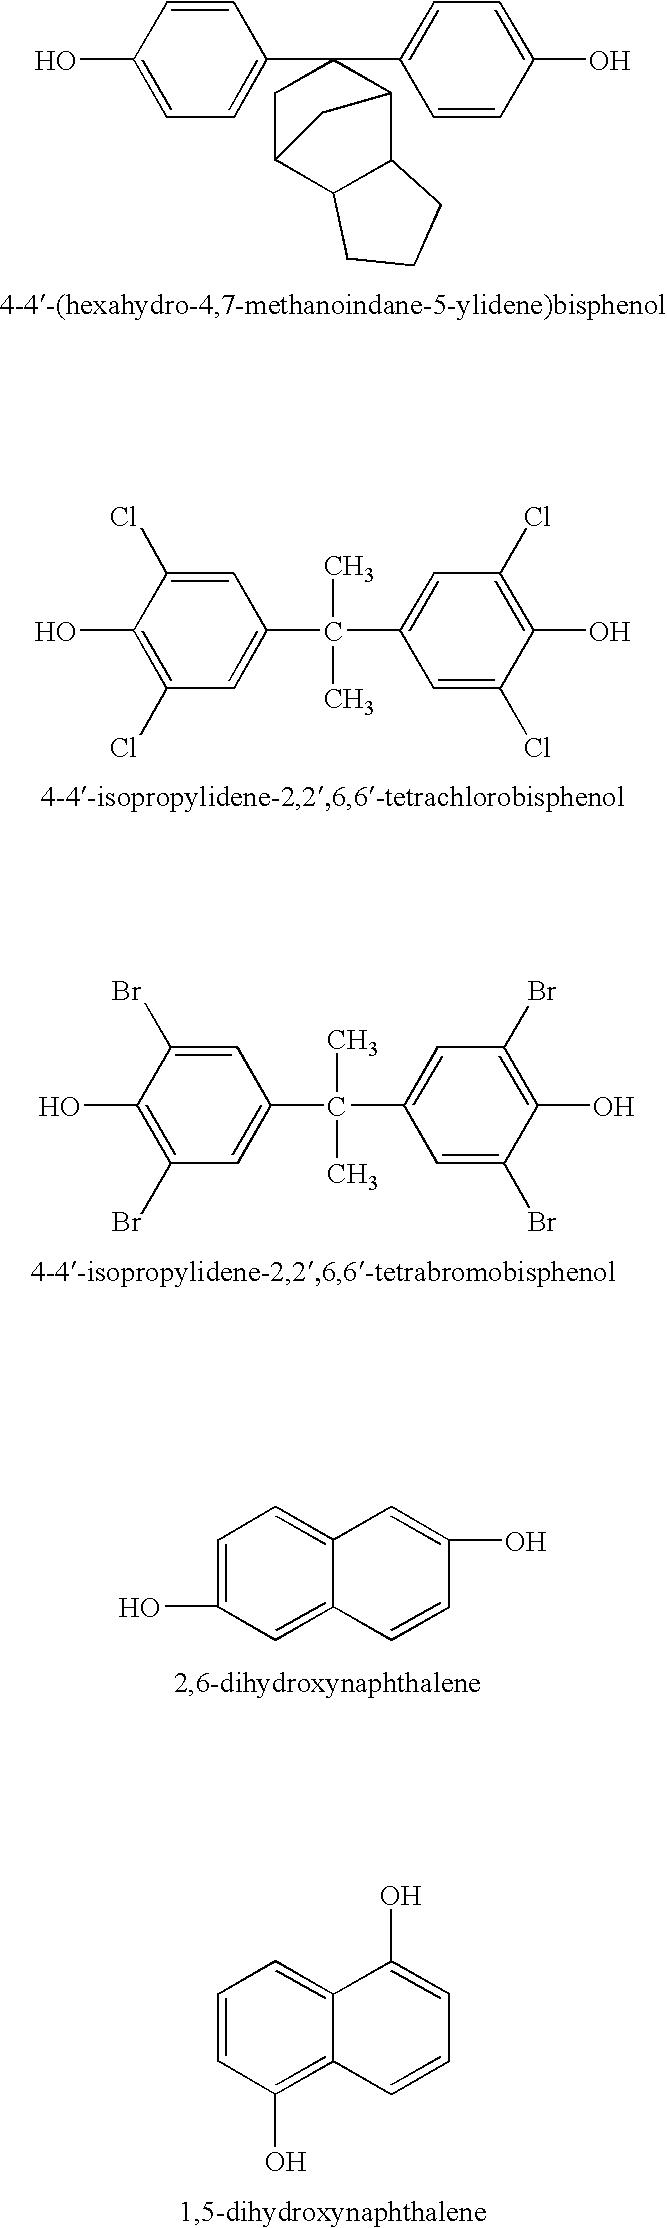 Figure US07288296-20071030-C00007